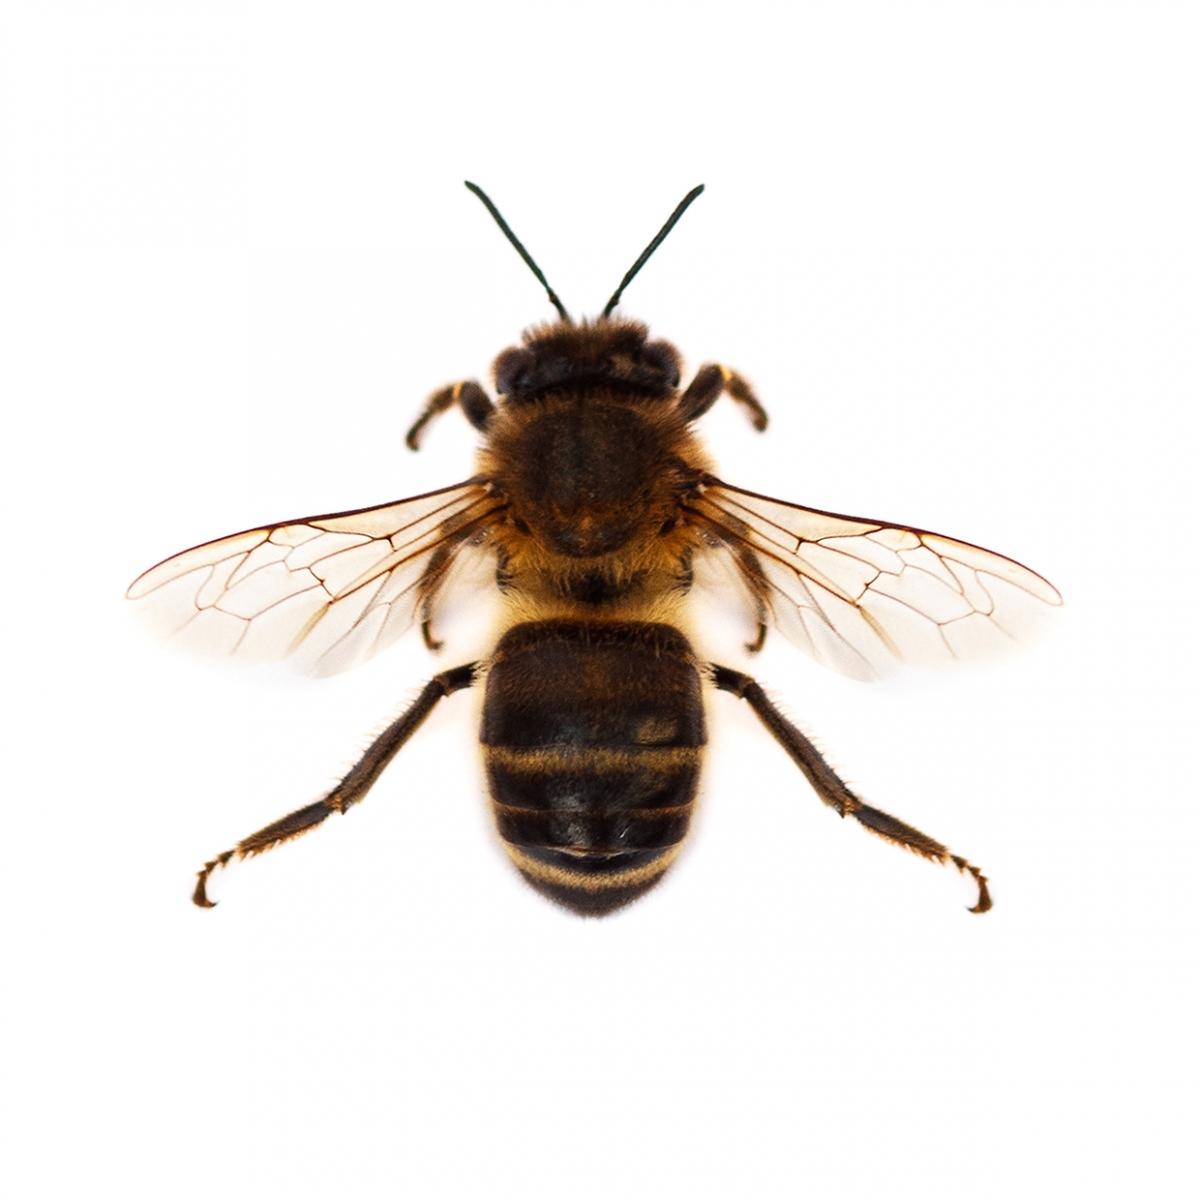 Imagen en la que se ve una abeja en perspectiva cenital